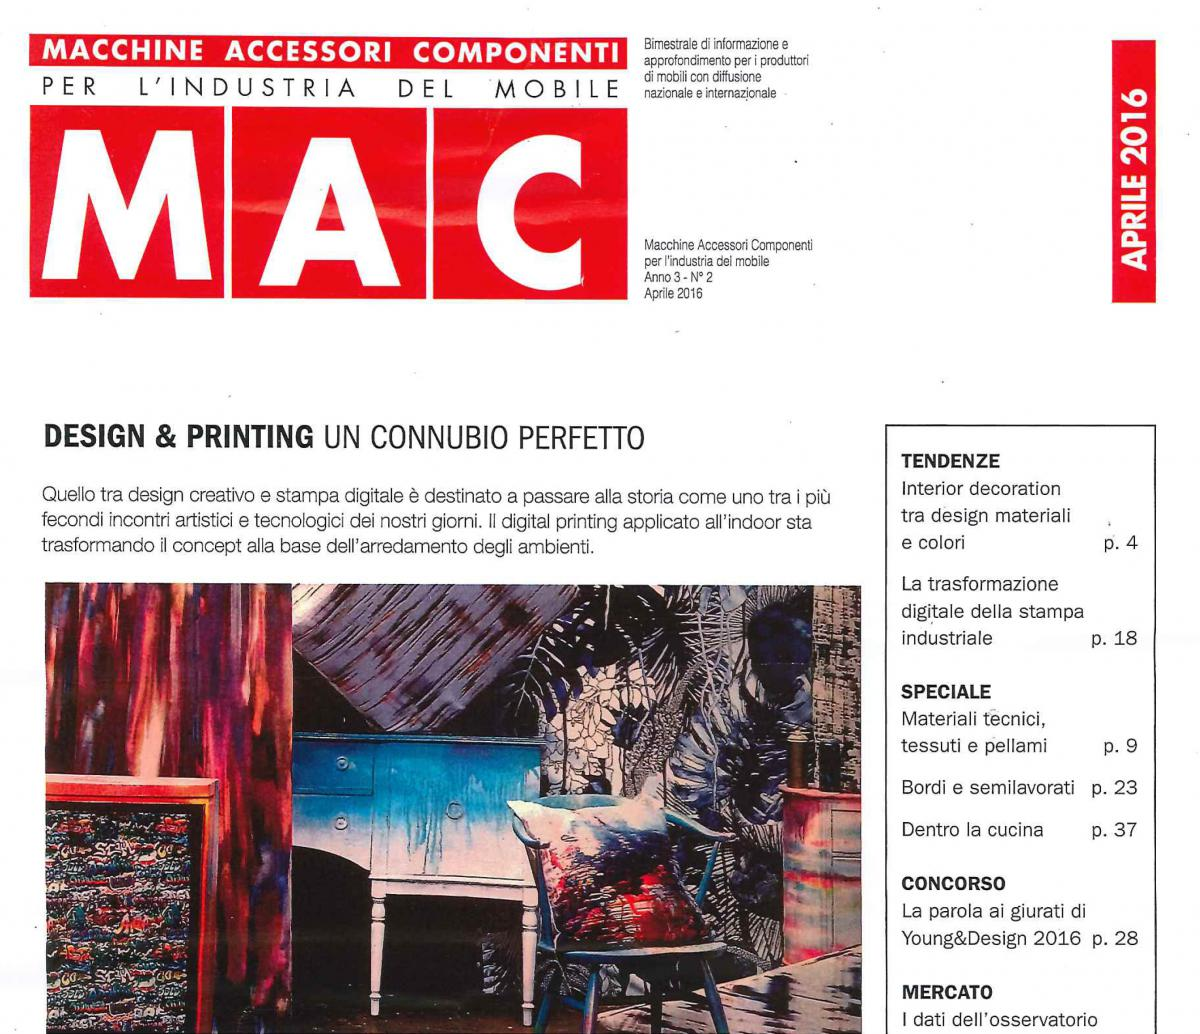 MAC – Macchine accessori componenti per l'industria del mobile – ITALIA